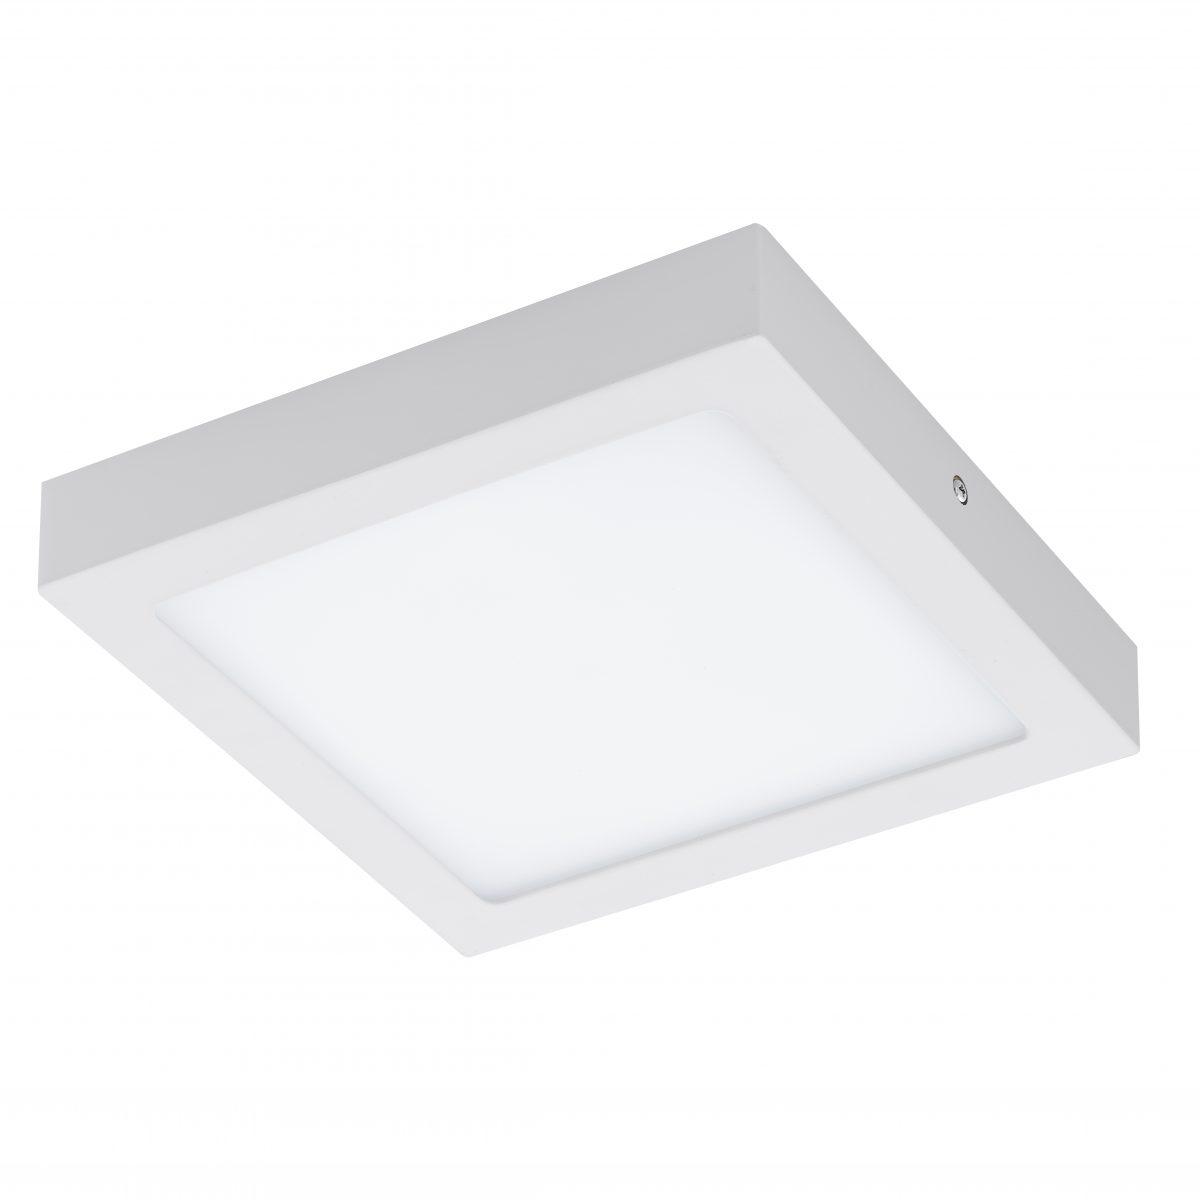 Светильник настенно-потолочный FUEVA 1 EGLO 94078 - Фото №28